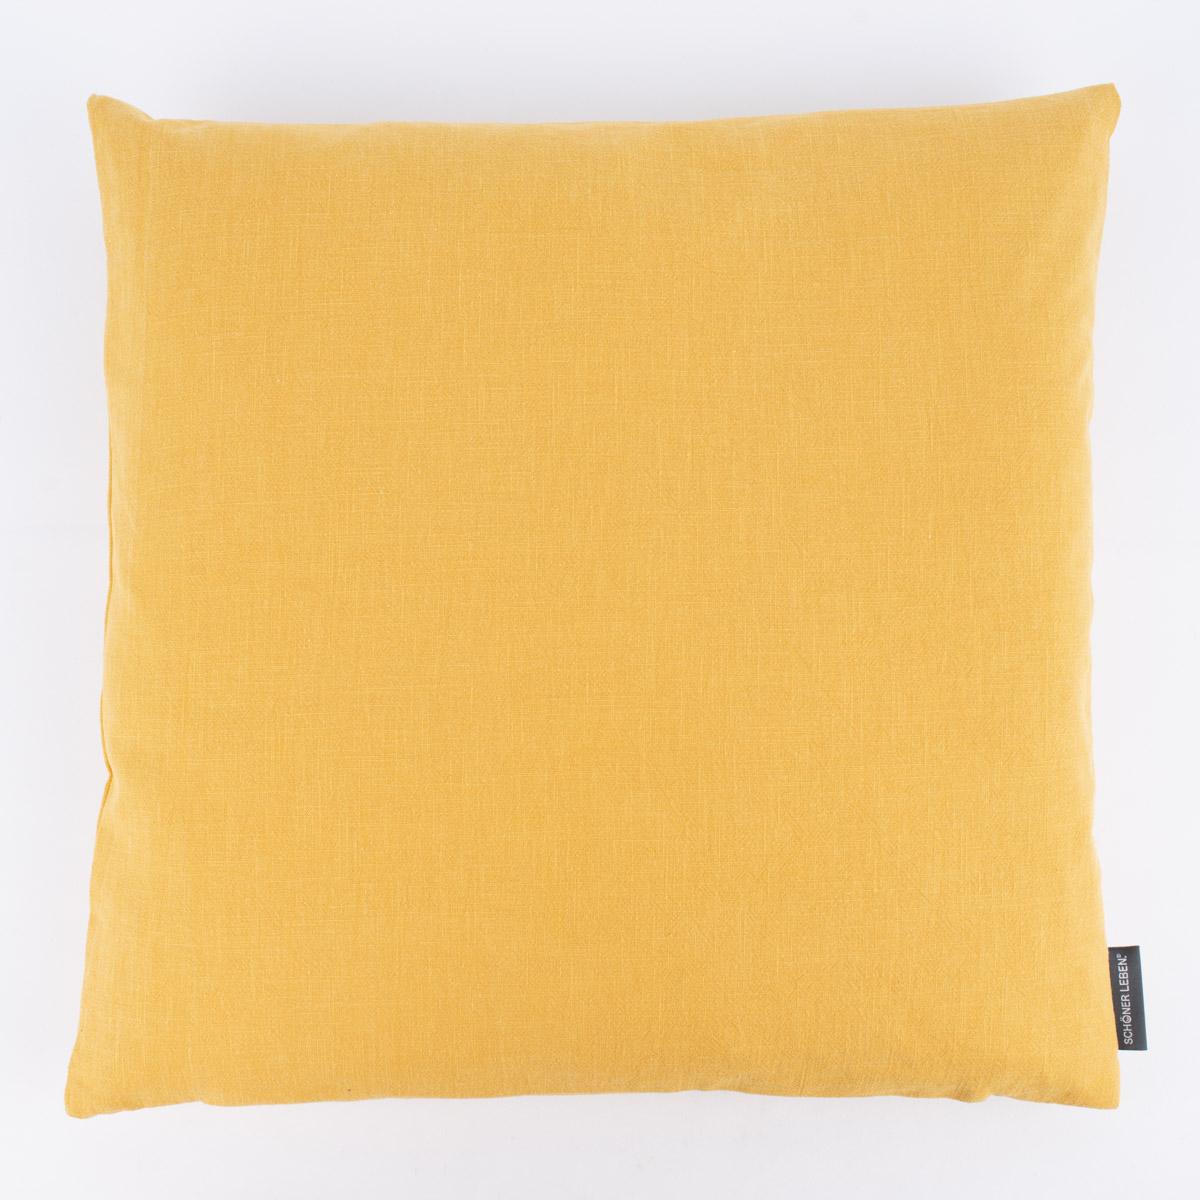 SCHÖNER LEBEN. Kissenhülle Bio Ramie Leinenoptik einfarbig senf gelb 40x40cm